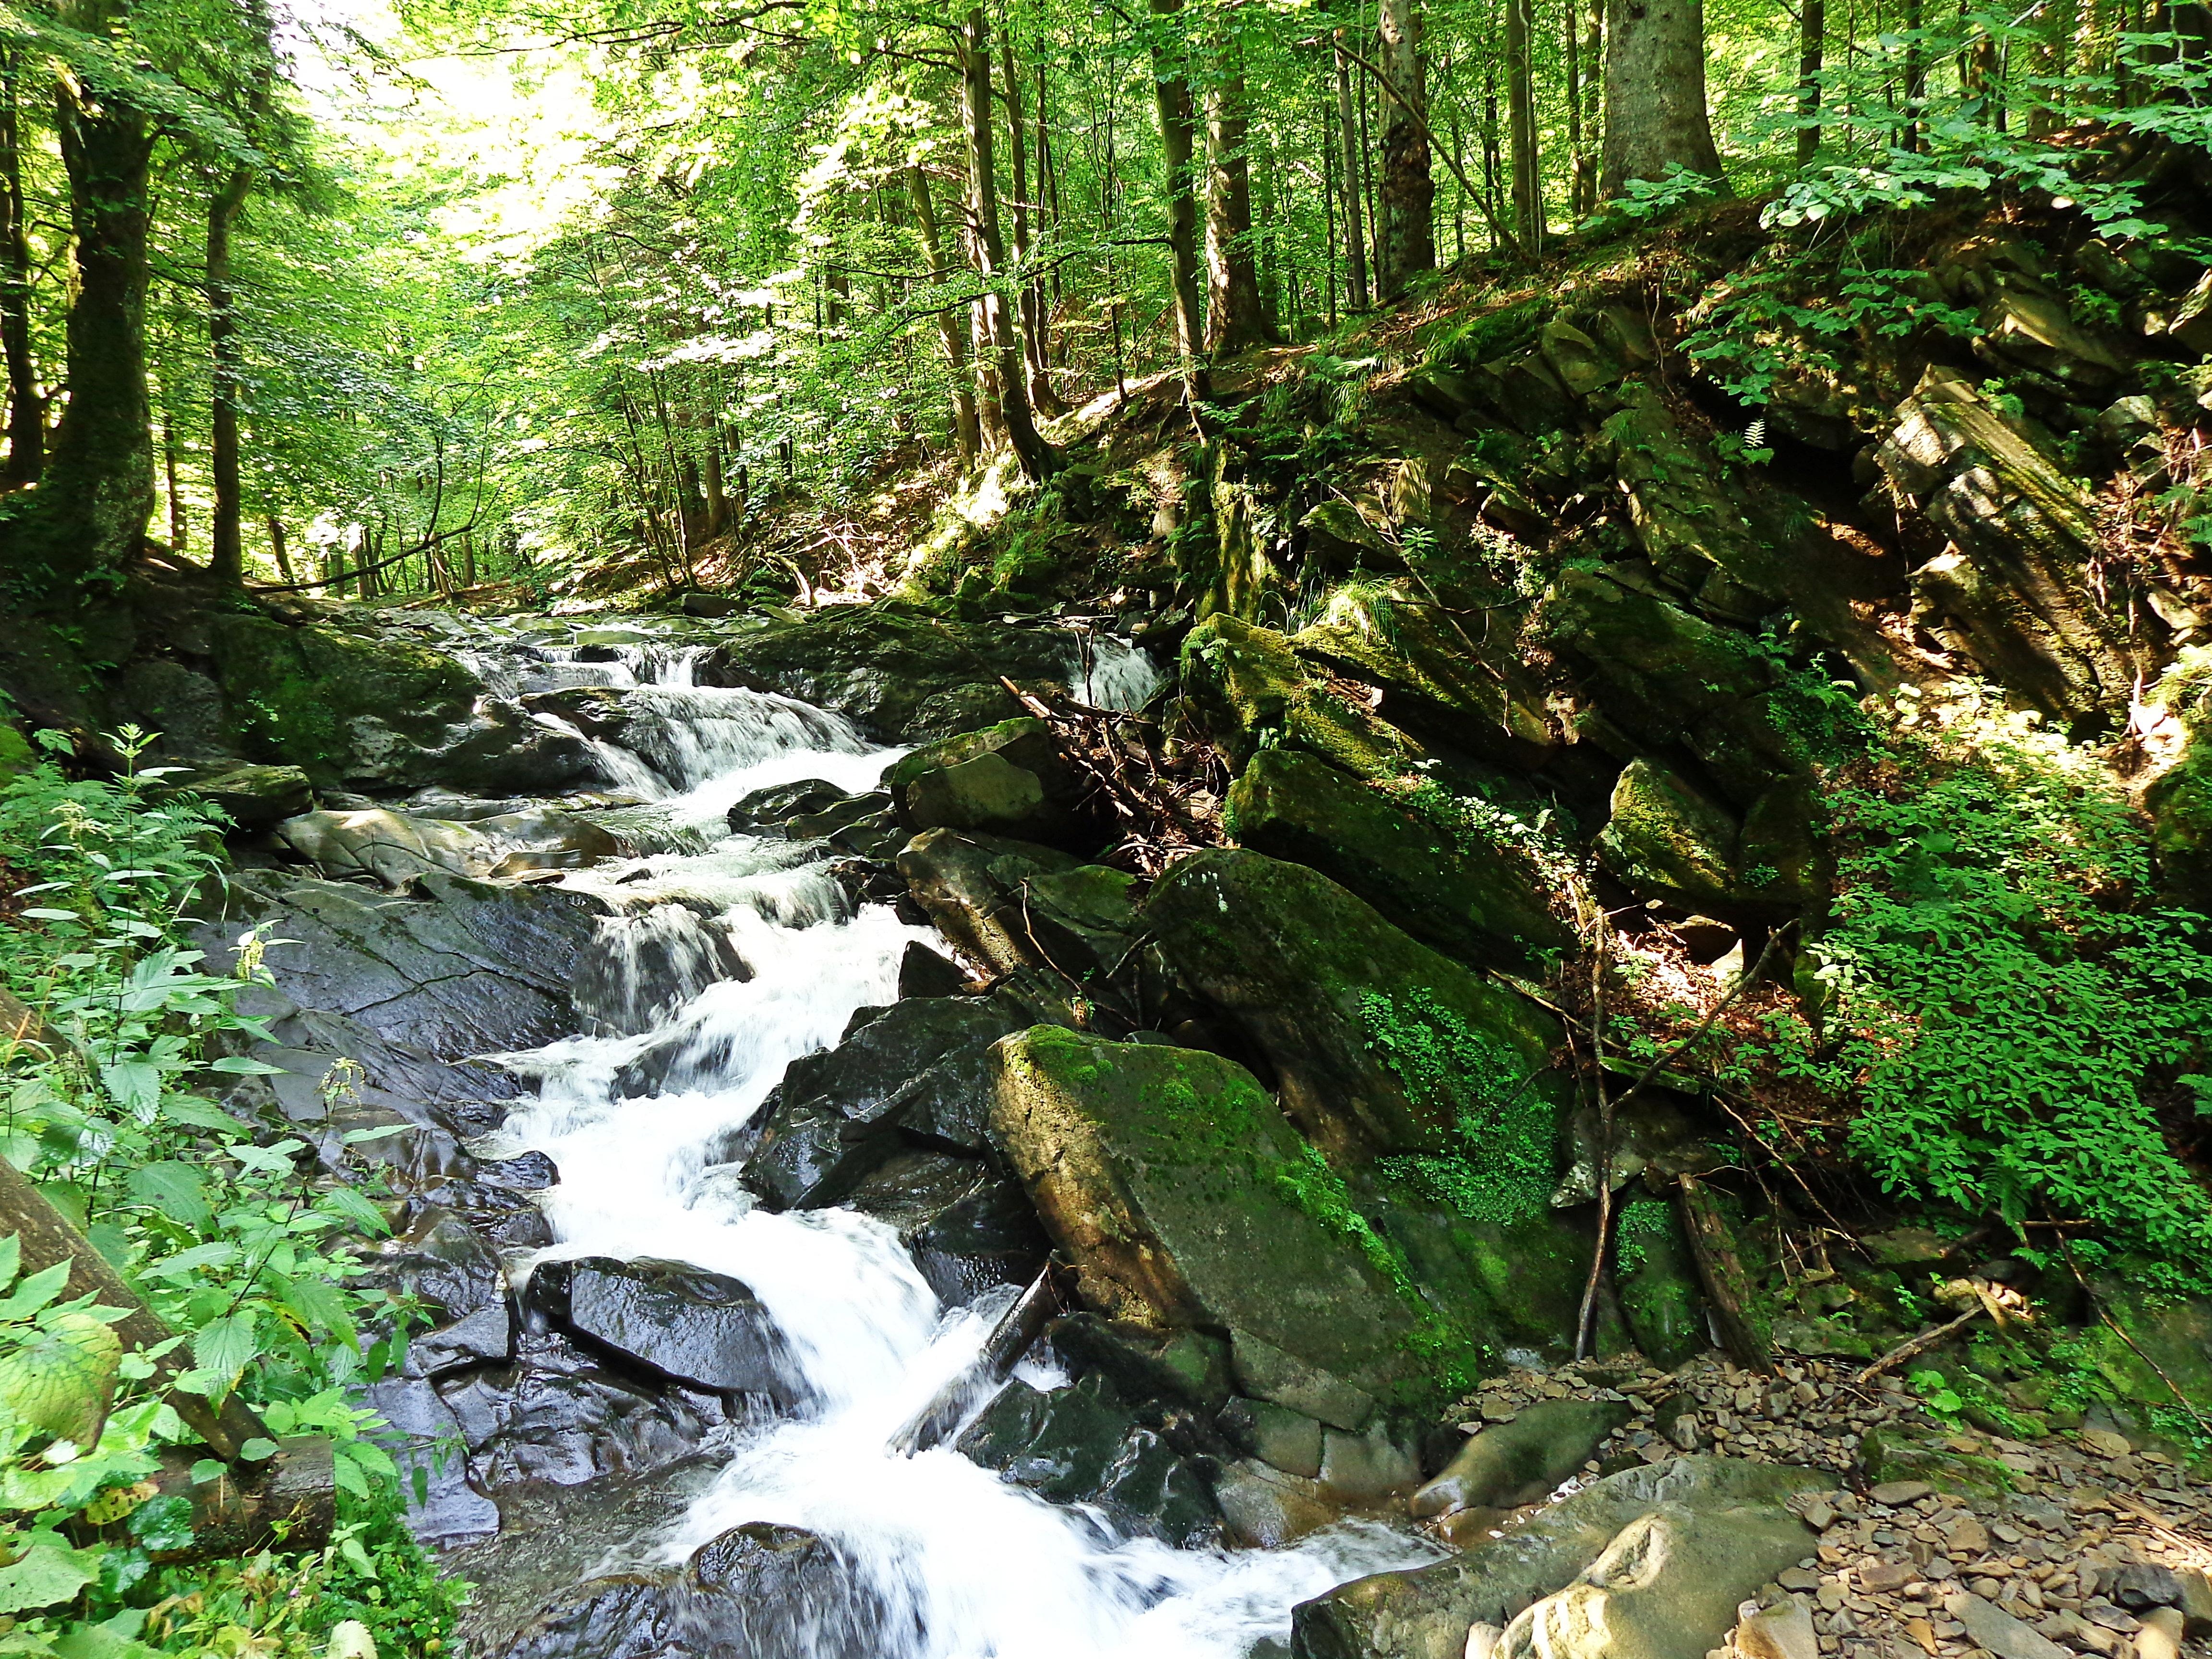 Gratis afbeeldingen landschap boom water natuur bos gras rots waterval kreek - Zomer keuken steen ...